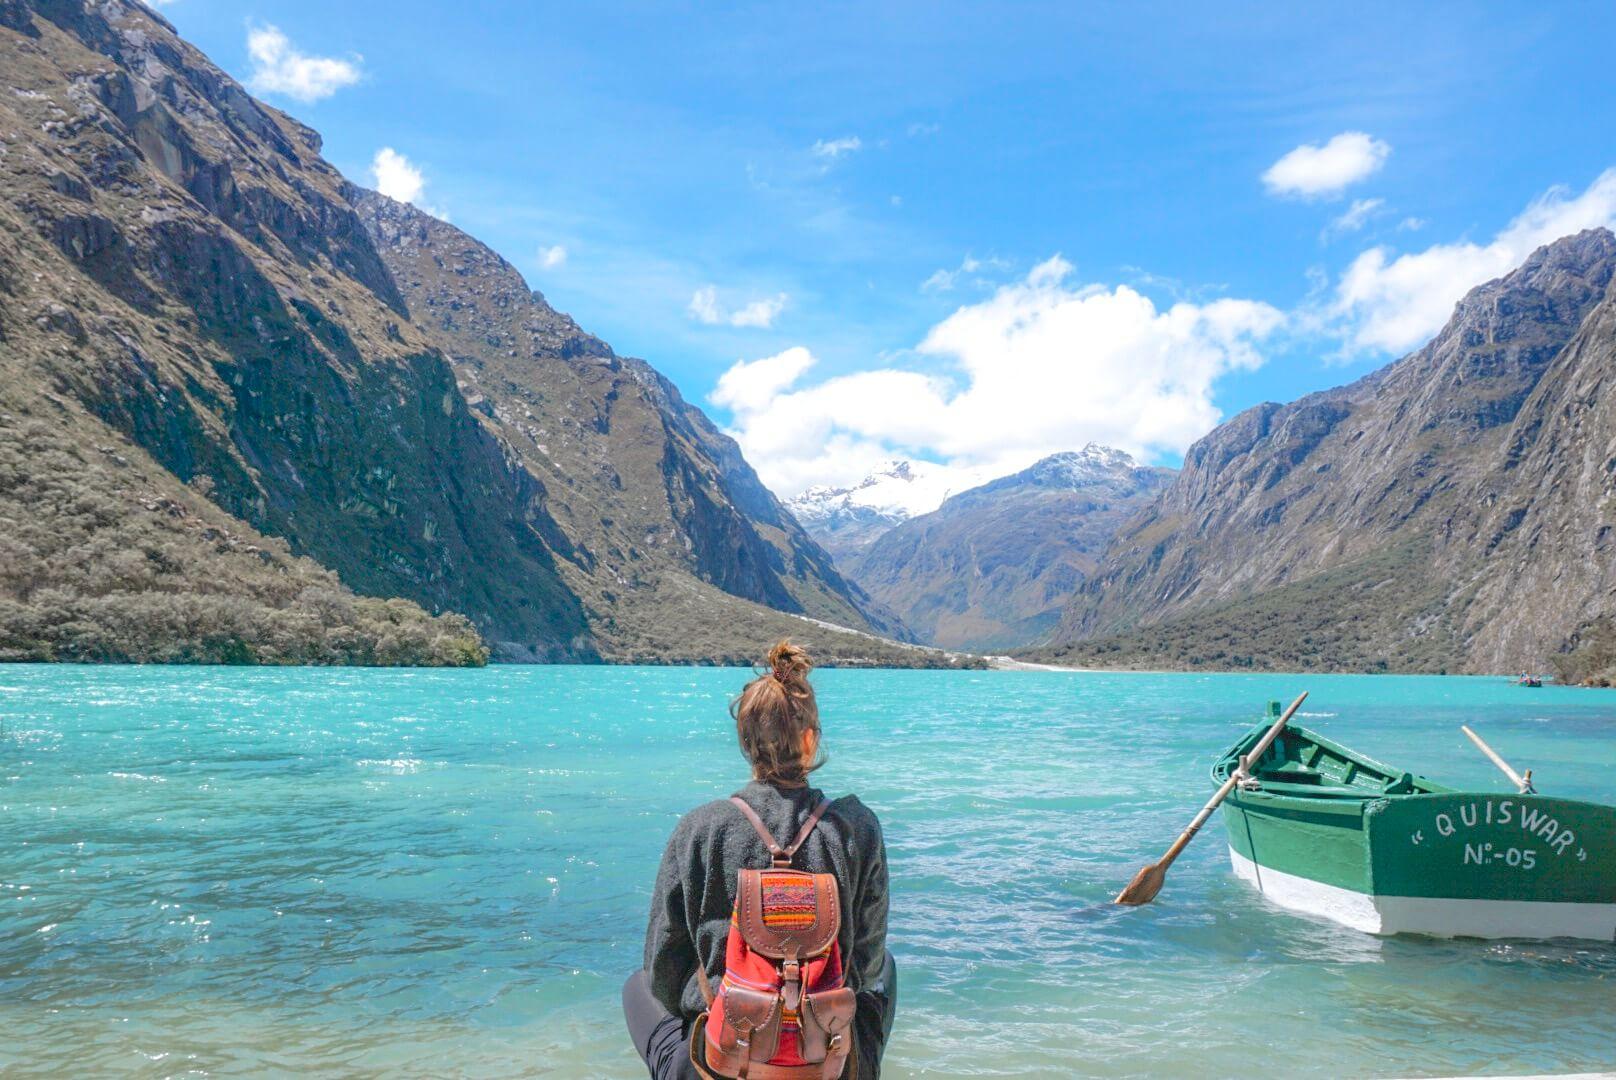 visiter laguna llanganuco